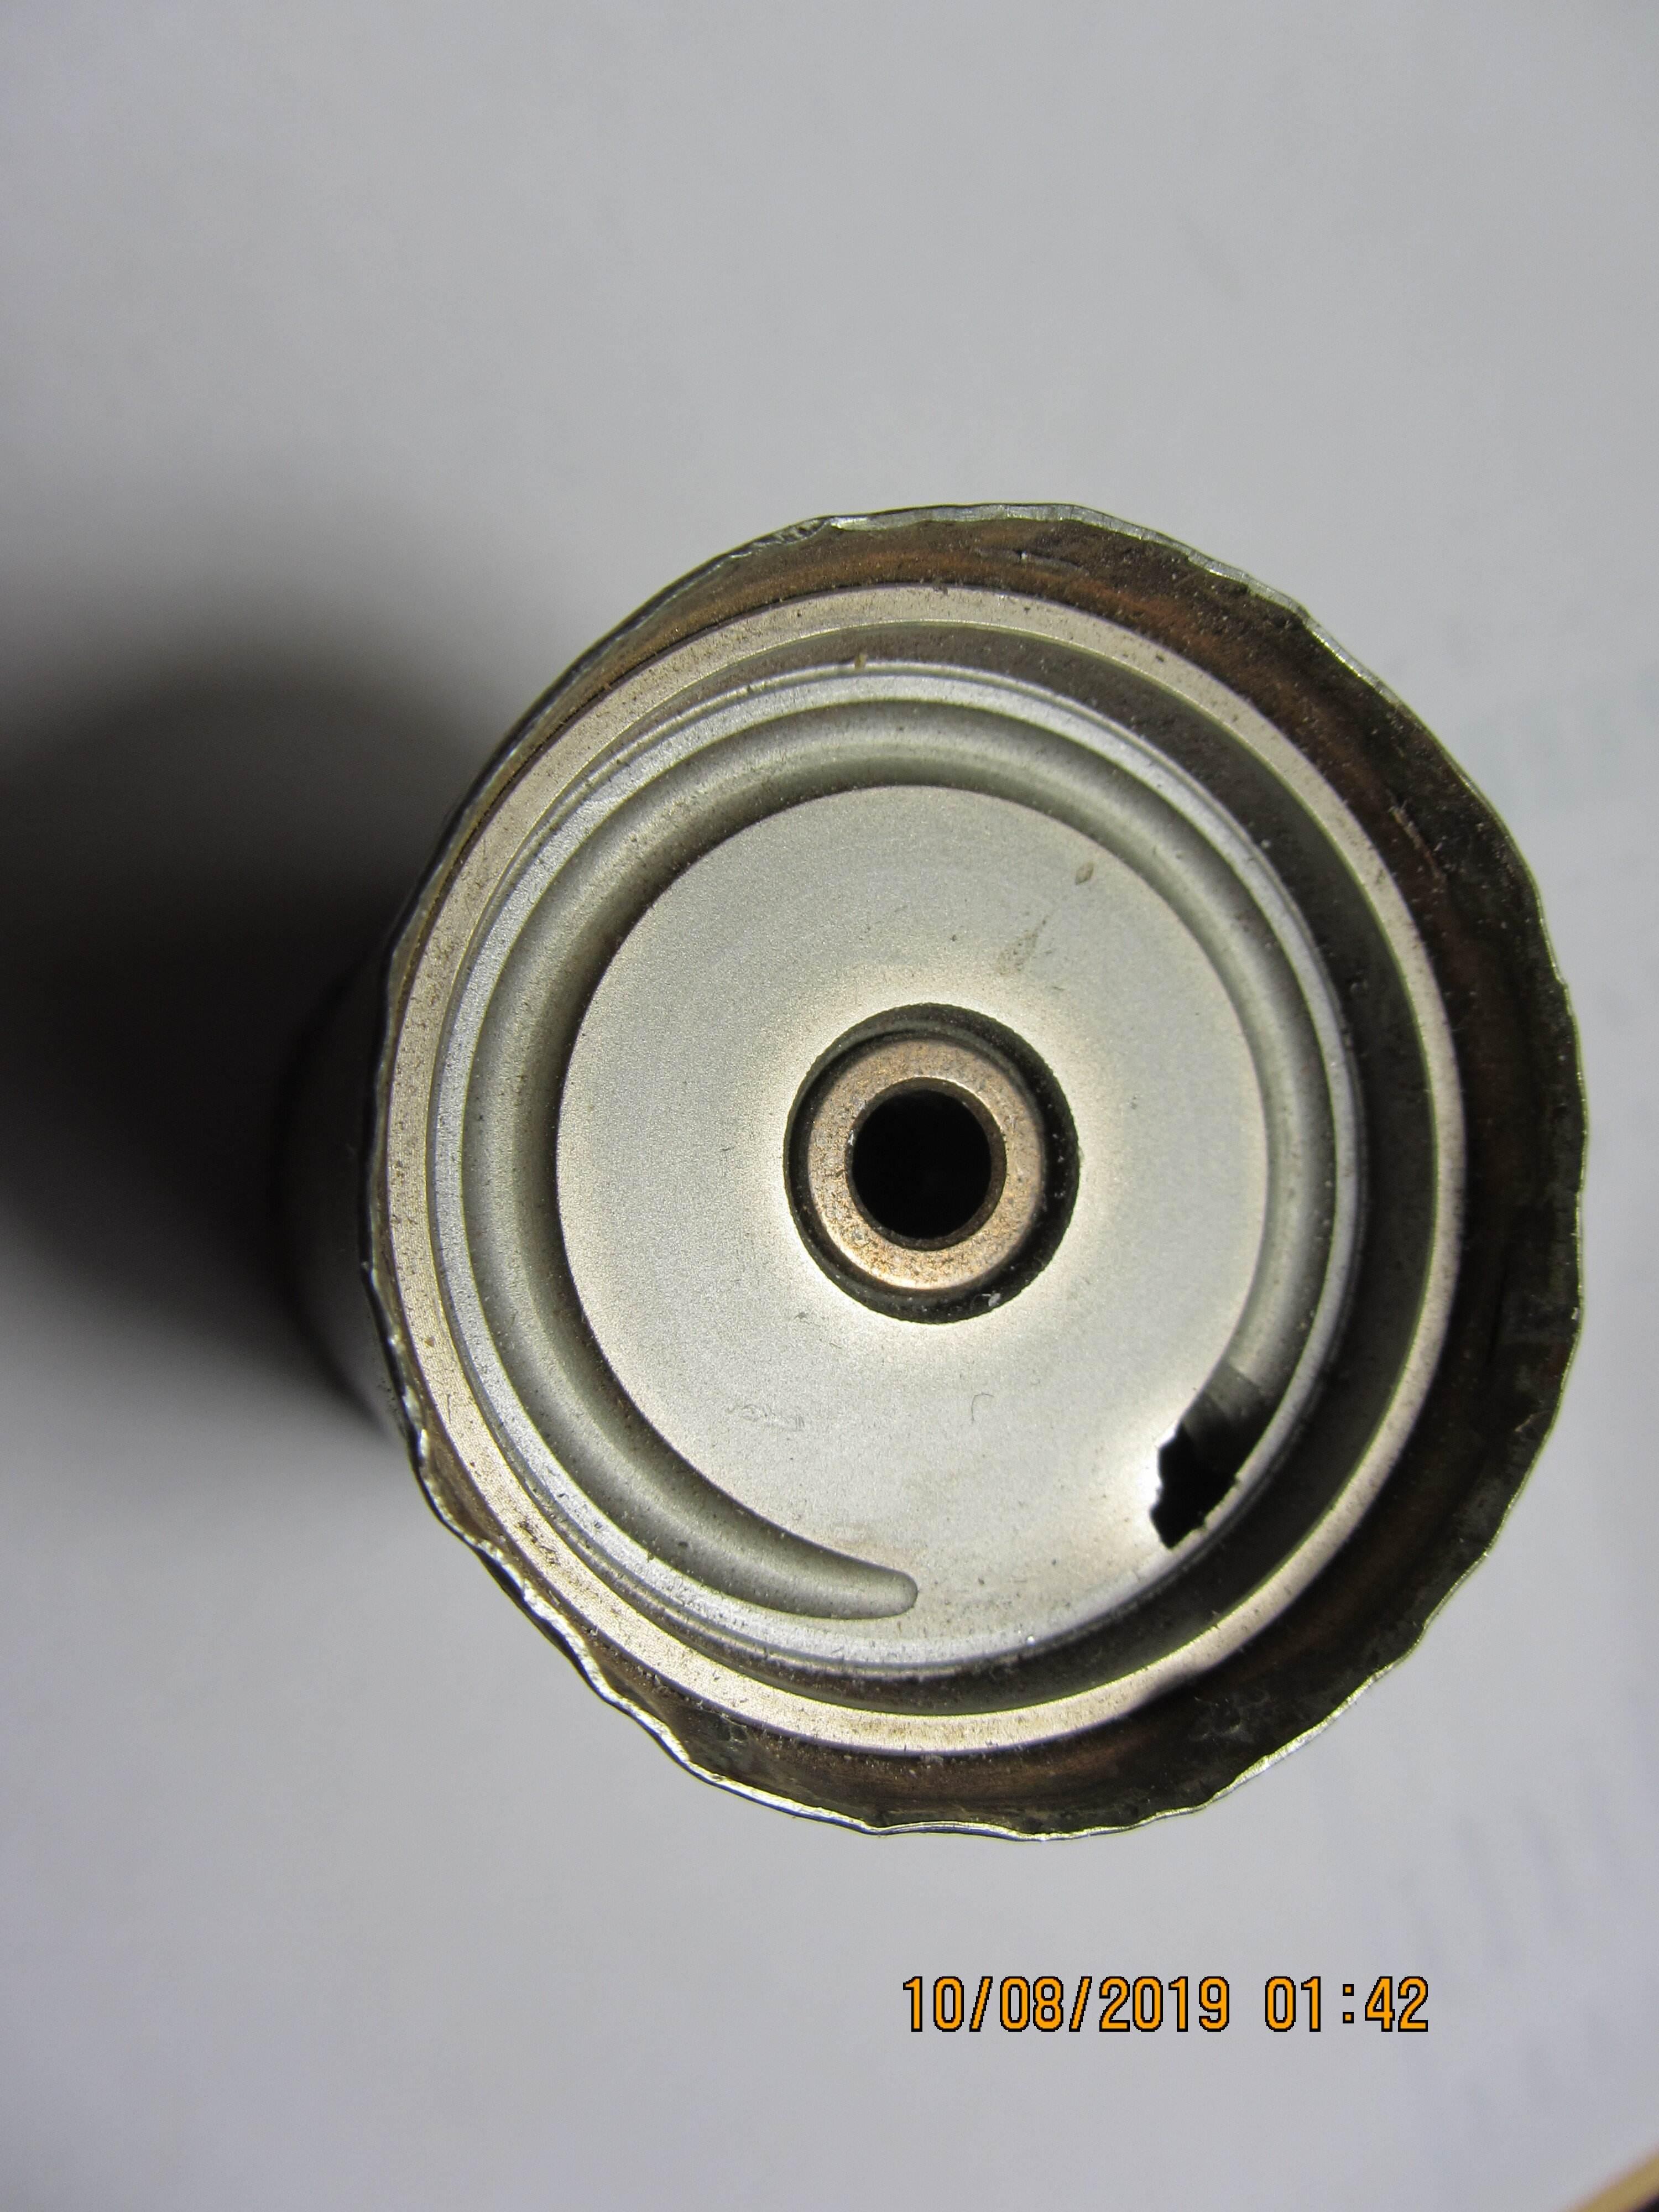 foto Ventola riscaldamento abitacolo ferma a qualsiasi velocità - Alfa 156 - 1